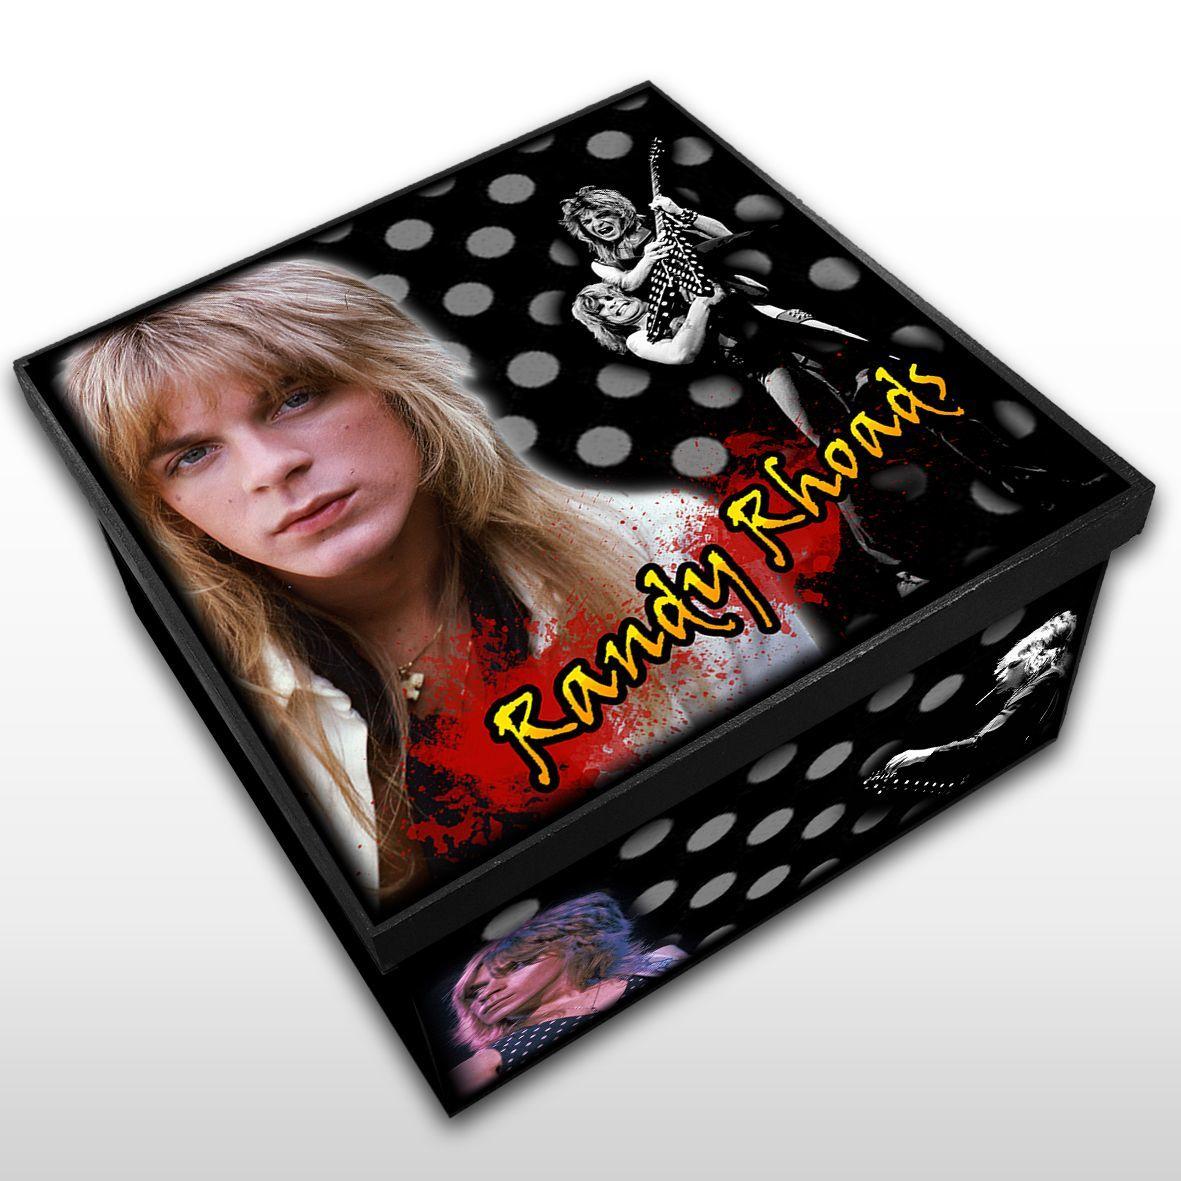 Randy Rhoads - Caixa em Madeira MDF - Tamanho Médio - Mr. Rock